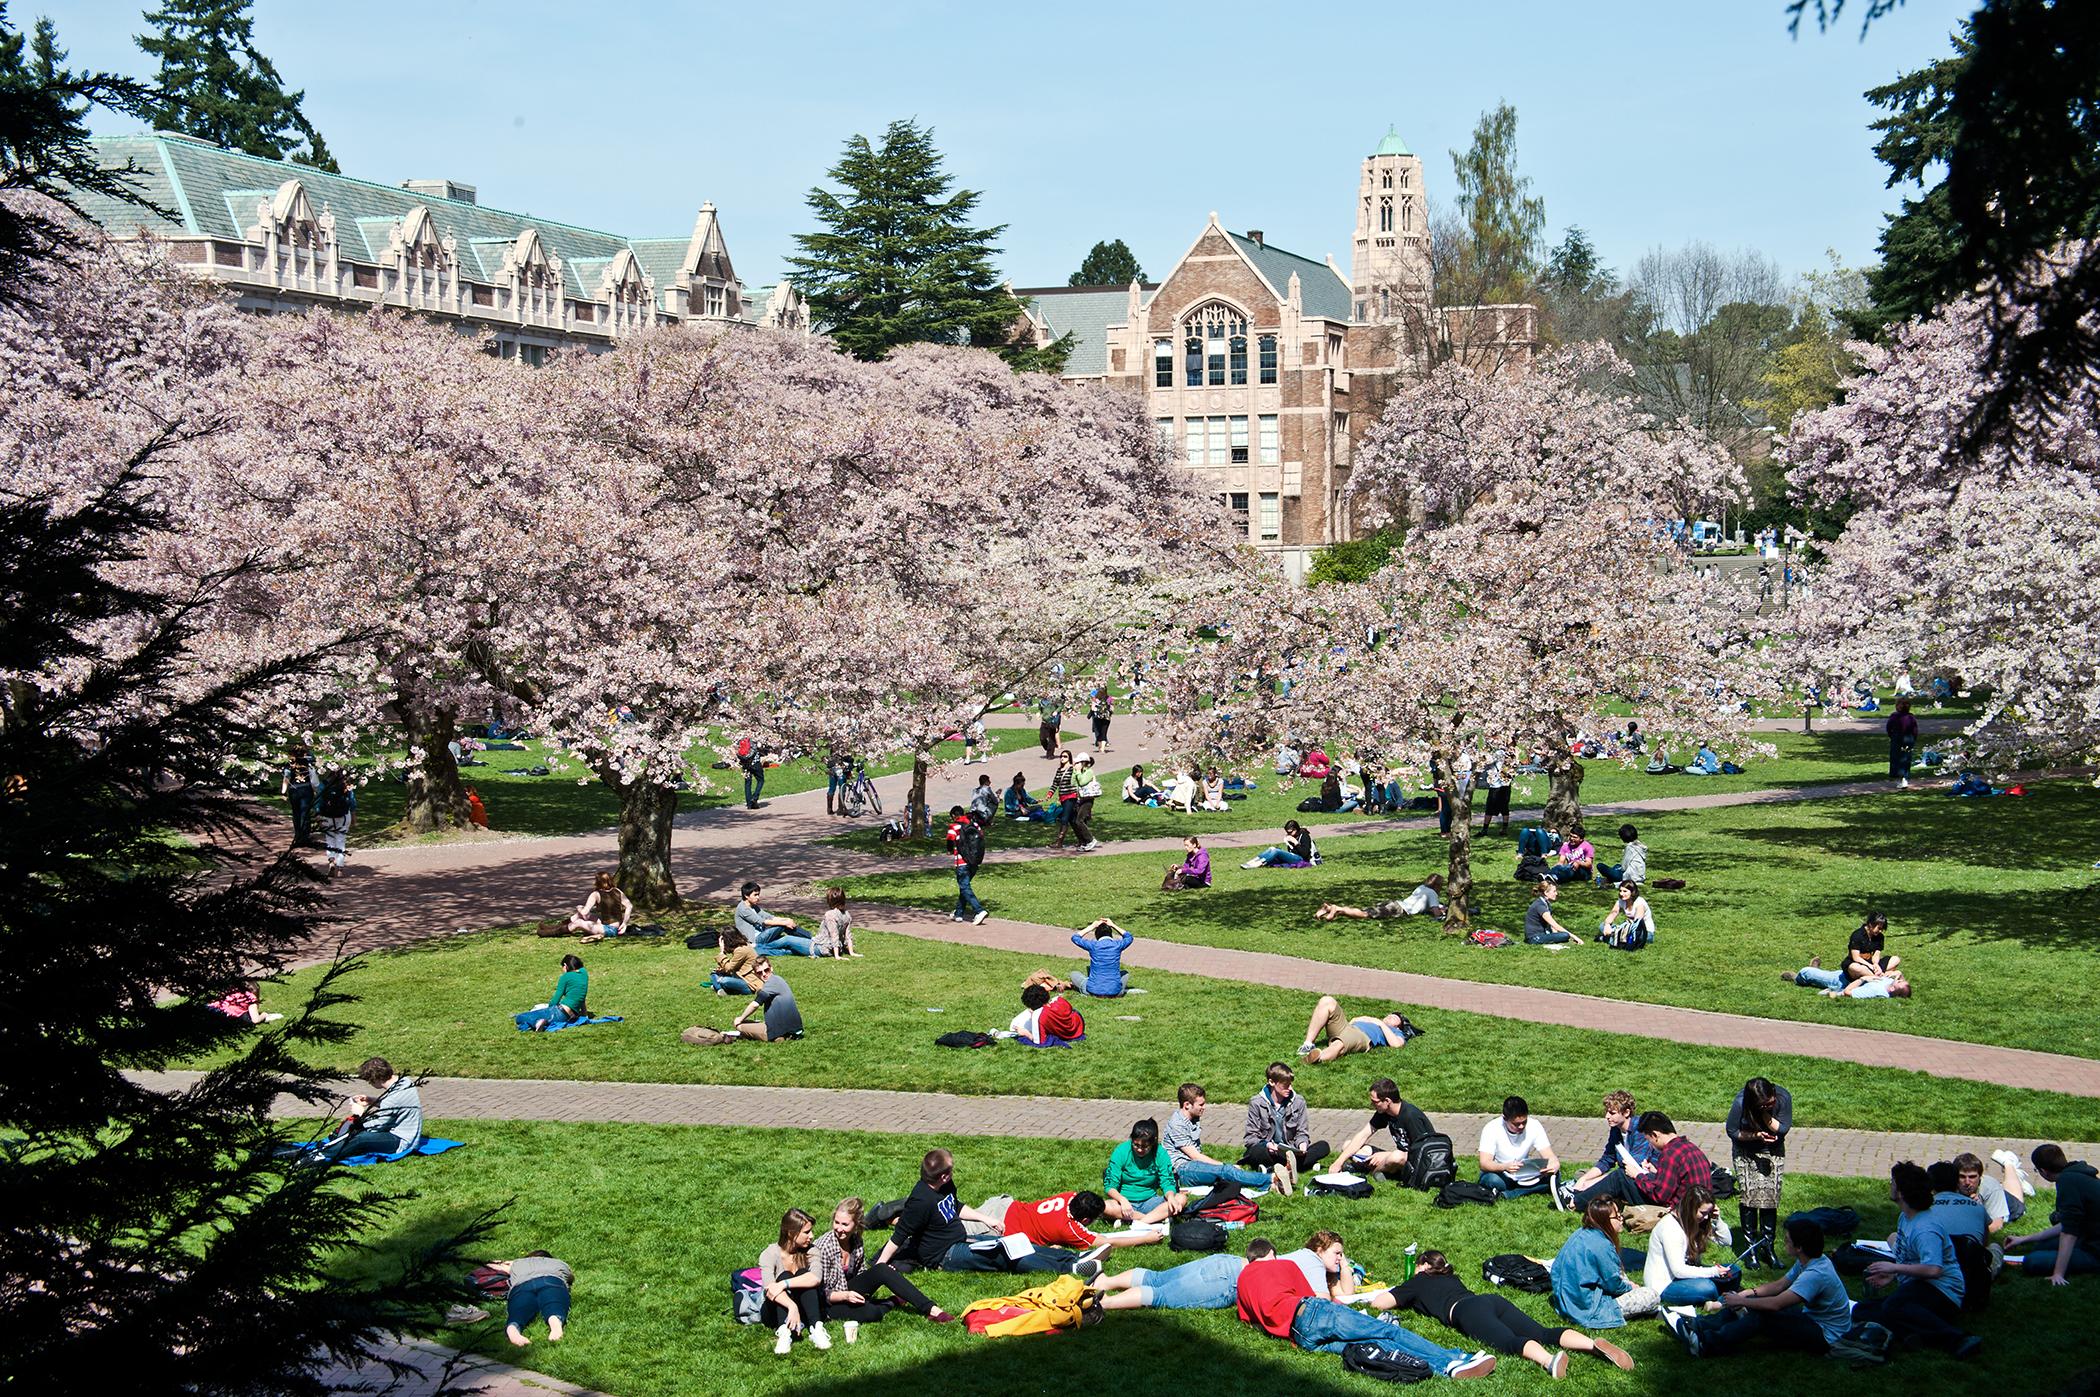 Yue Deng—University of Washington